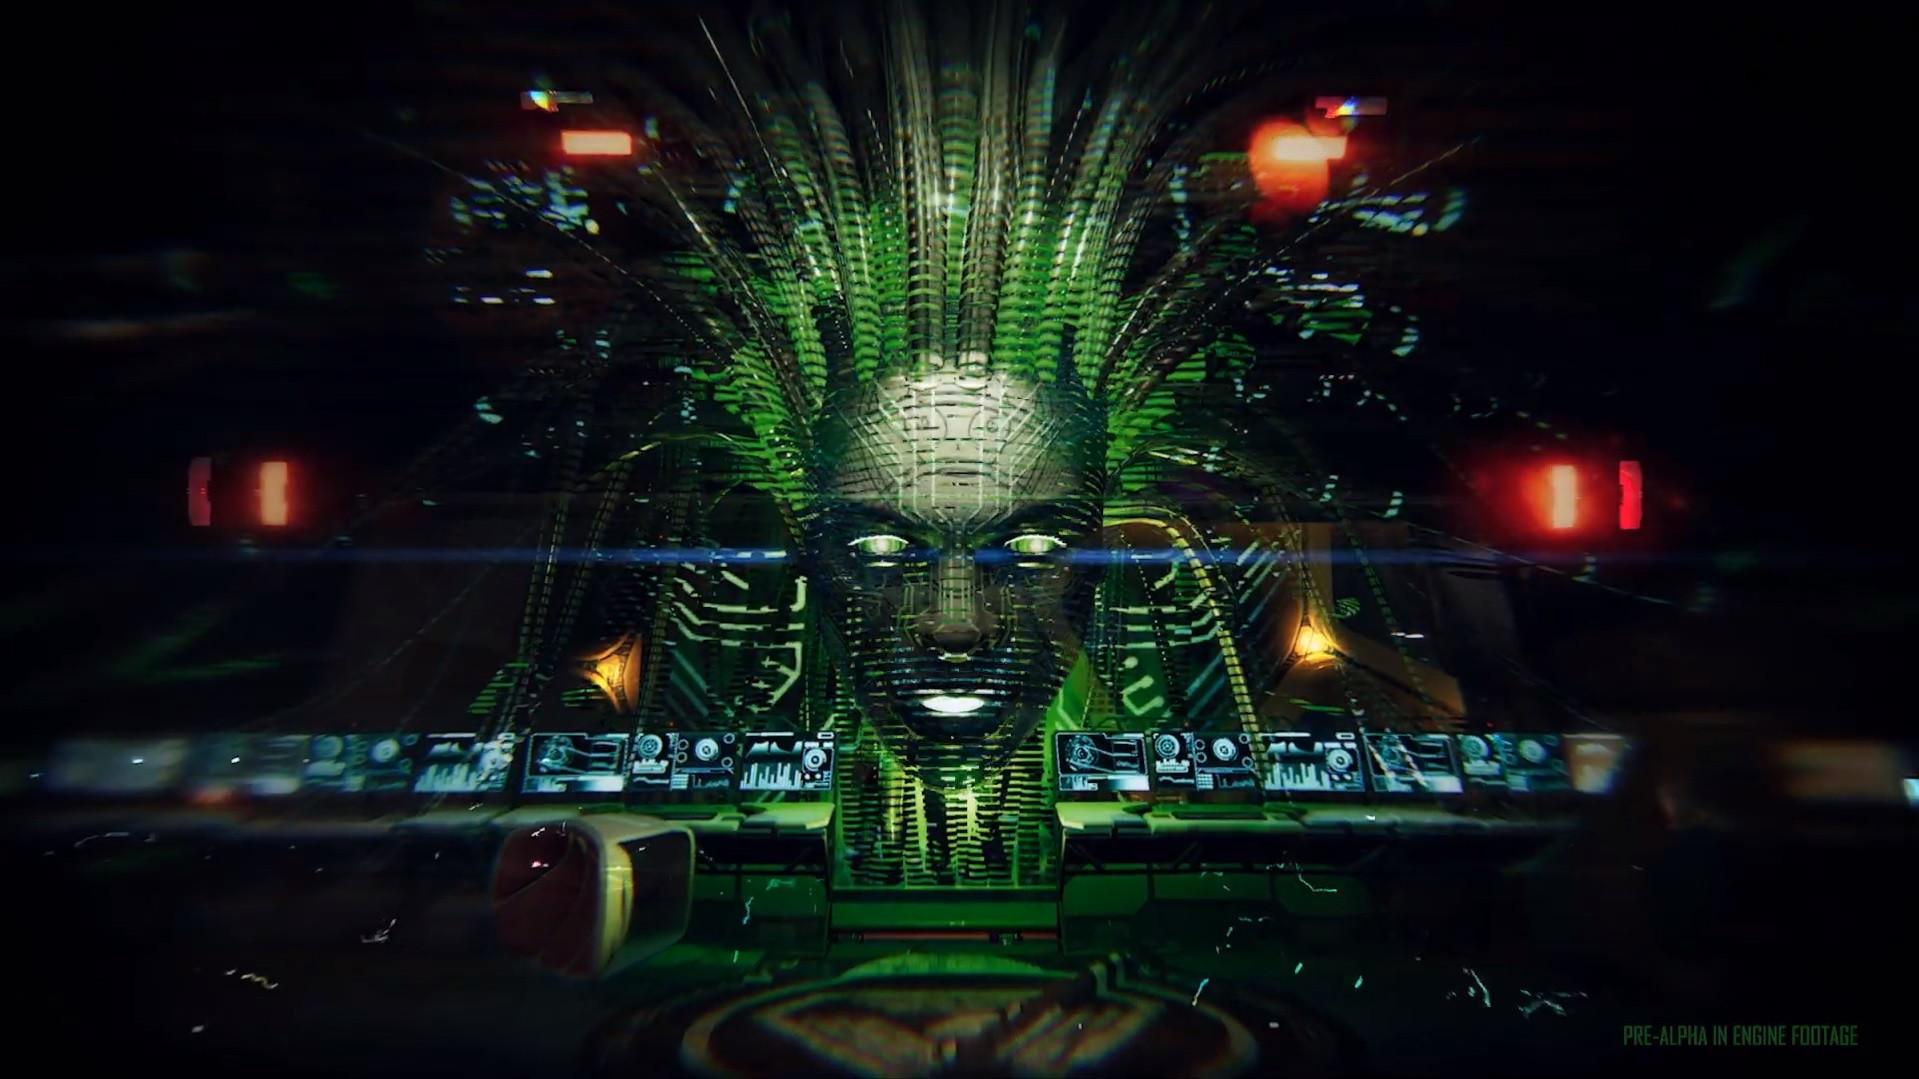 Lembra-se de 'System Shock'? Veja o (arrepiante) trailer do novo jogo